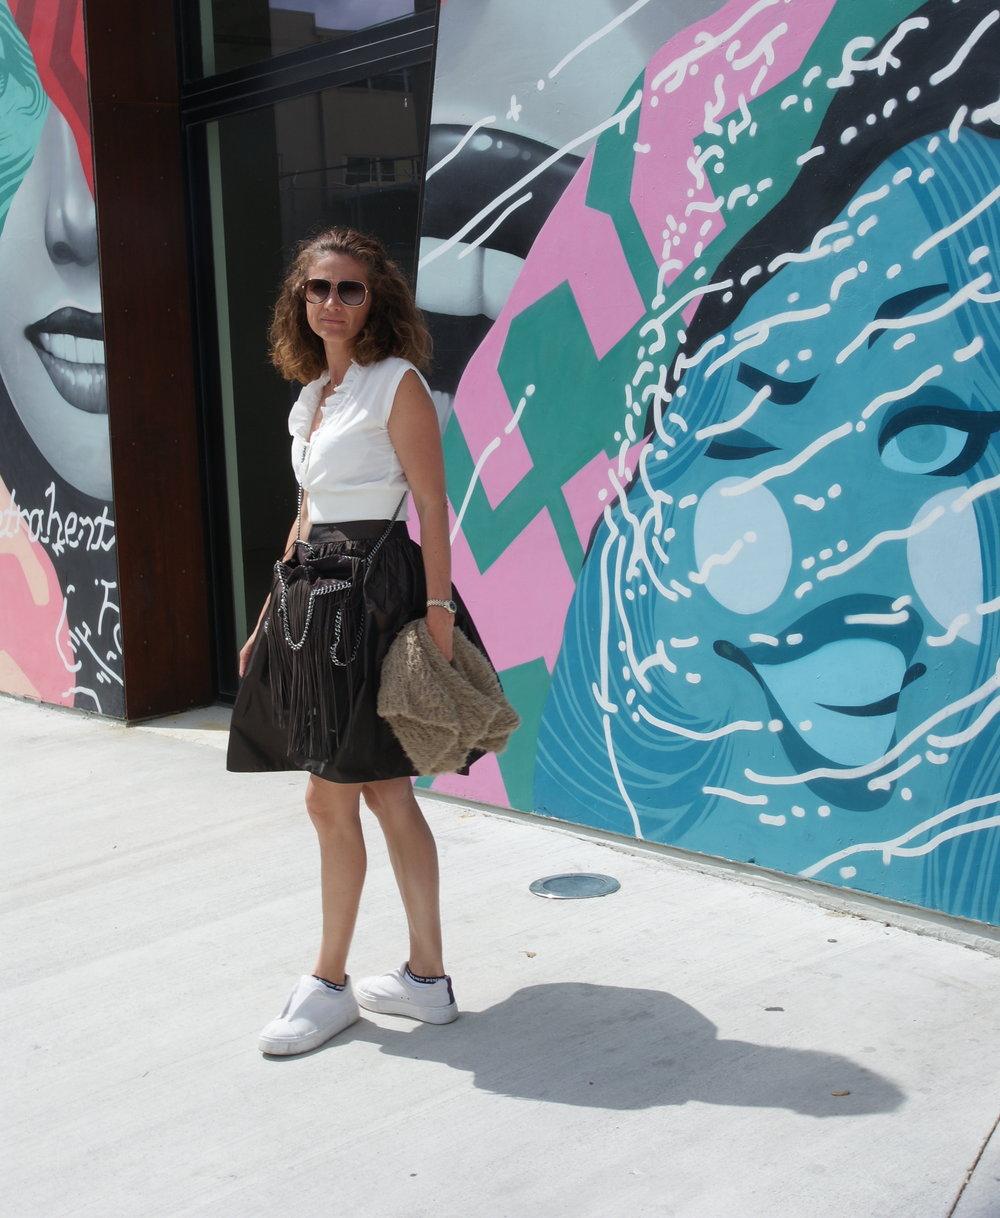 ÜBER MICH - In Österreich geboren und aufgewachsen, absolvierte ich das Mode College Herbststraße in Wien. Dies gab mir den Hintergrund und die Grundlage für das Design und das Nähen. Im Central St Martins und dem Royal College of Fashion in London habe ich die Präsentation von Kleidungsstücken durch Kurse für persönliches Styling, Farbberatung und Modedesign weiter verfeinert. Ich lebe in London und erstelle mit meinem kleinen Team meine Kollektionen.